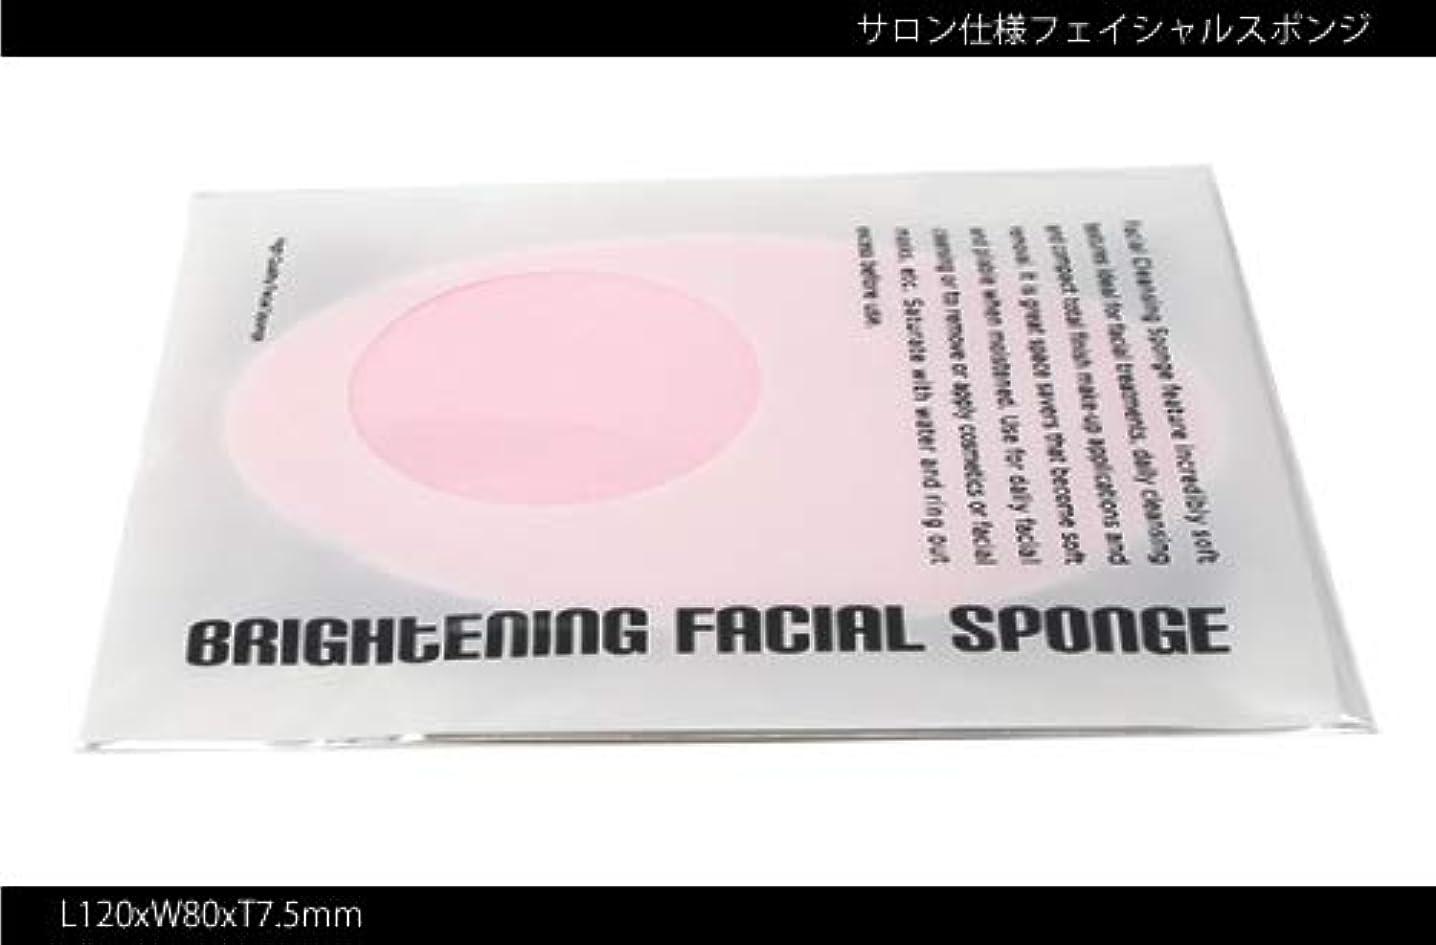 罰する他に成熟したエステプロユース フェイシャル スポンジ(どんな細かい汚れにも対応、肌に優しいスポンジ。)